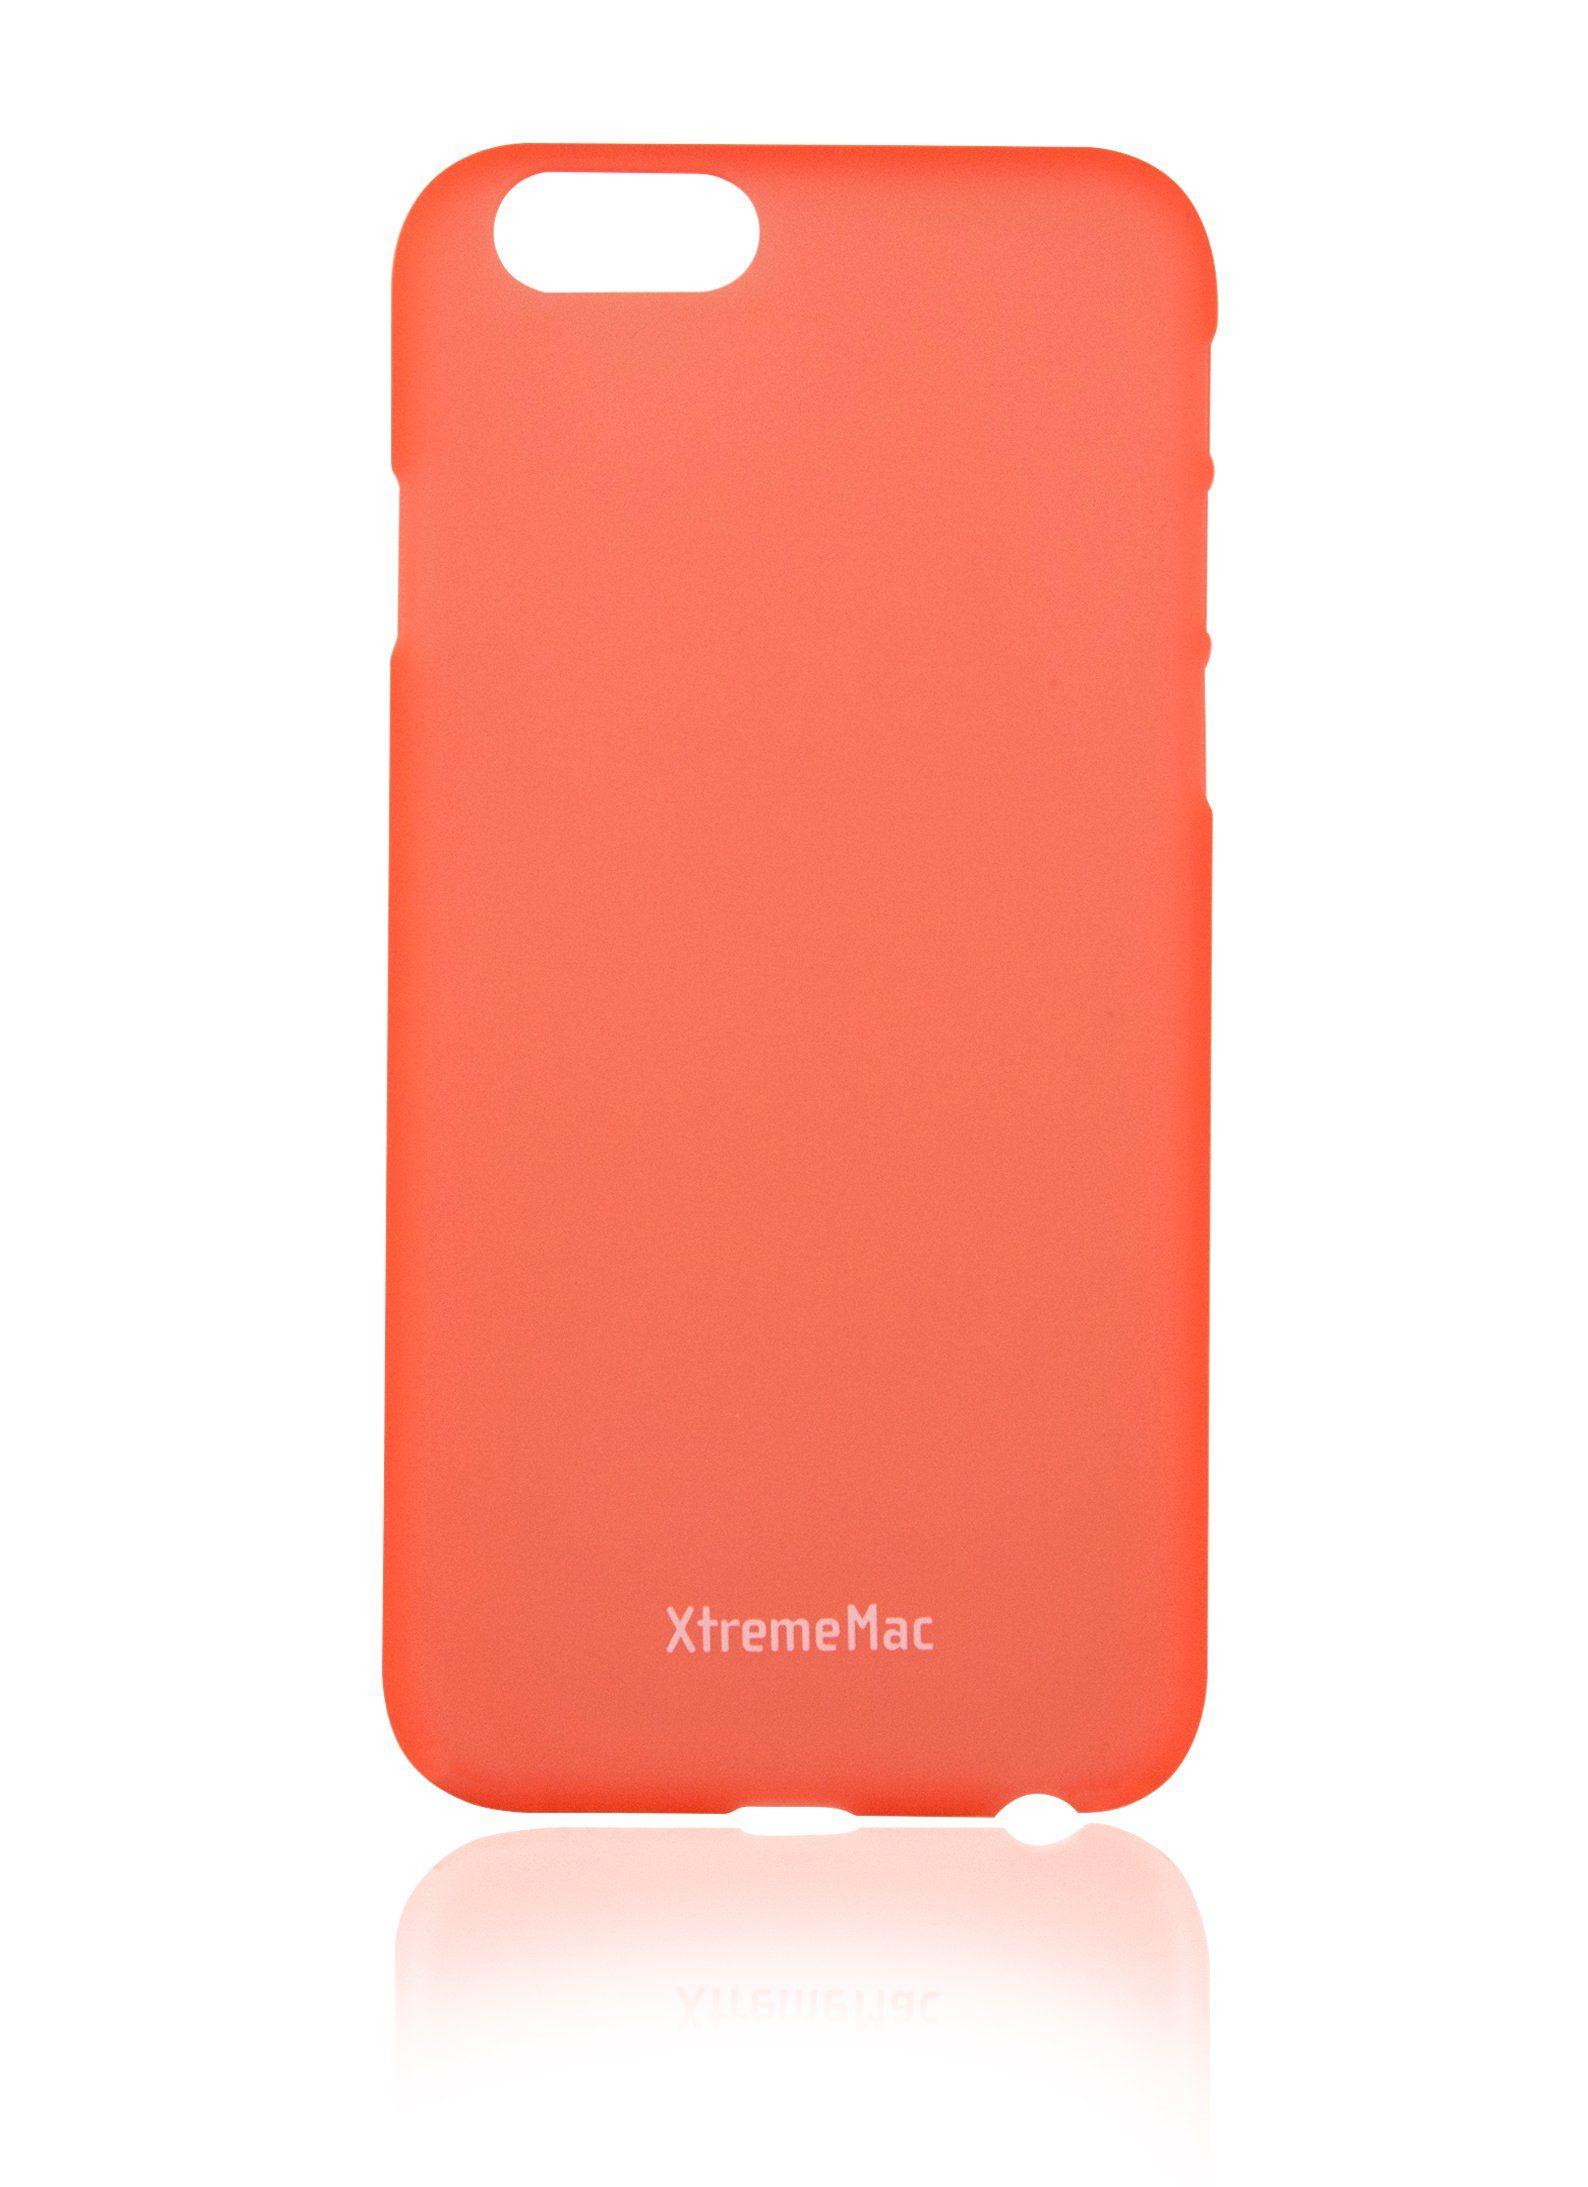 XtremeMac Schutzhülle für iPhone 6/6S »Microshield Thin«